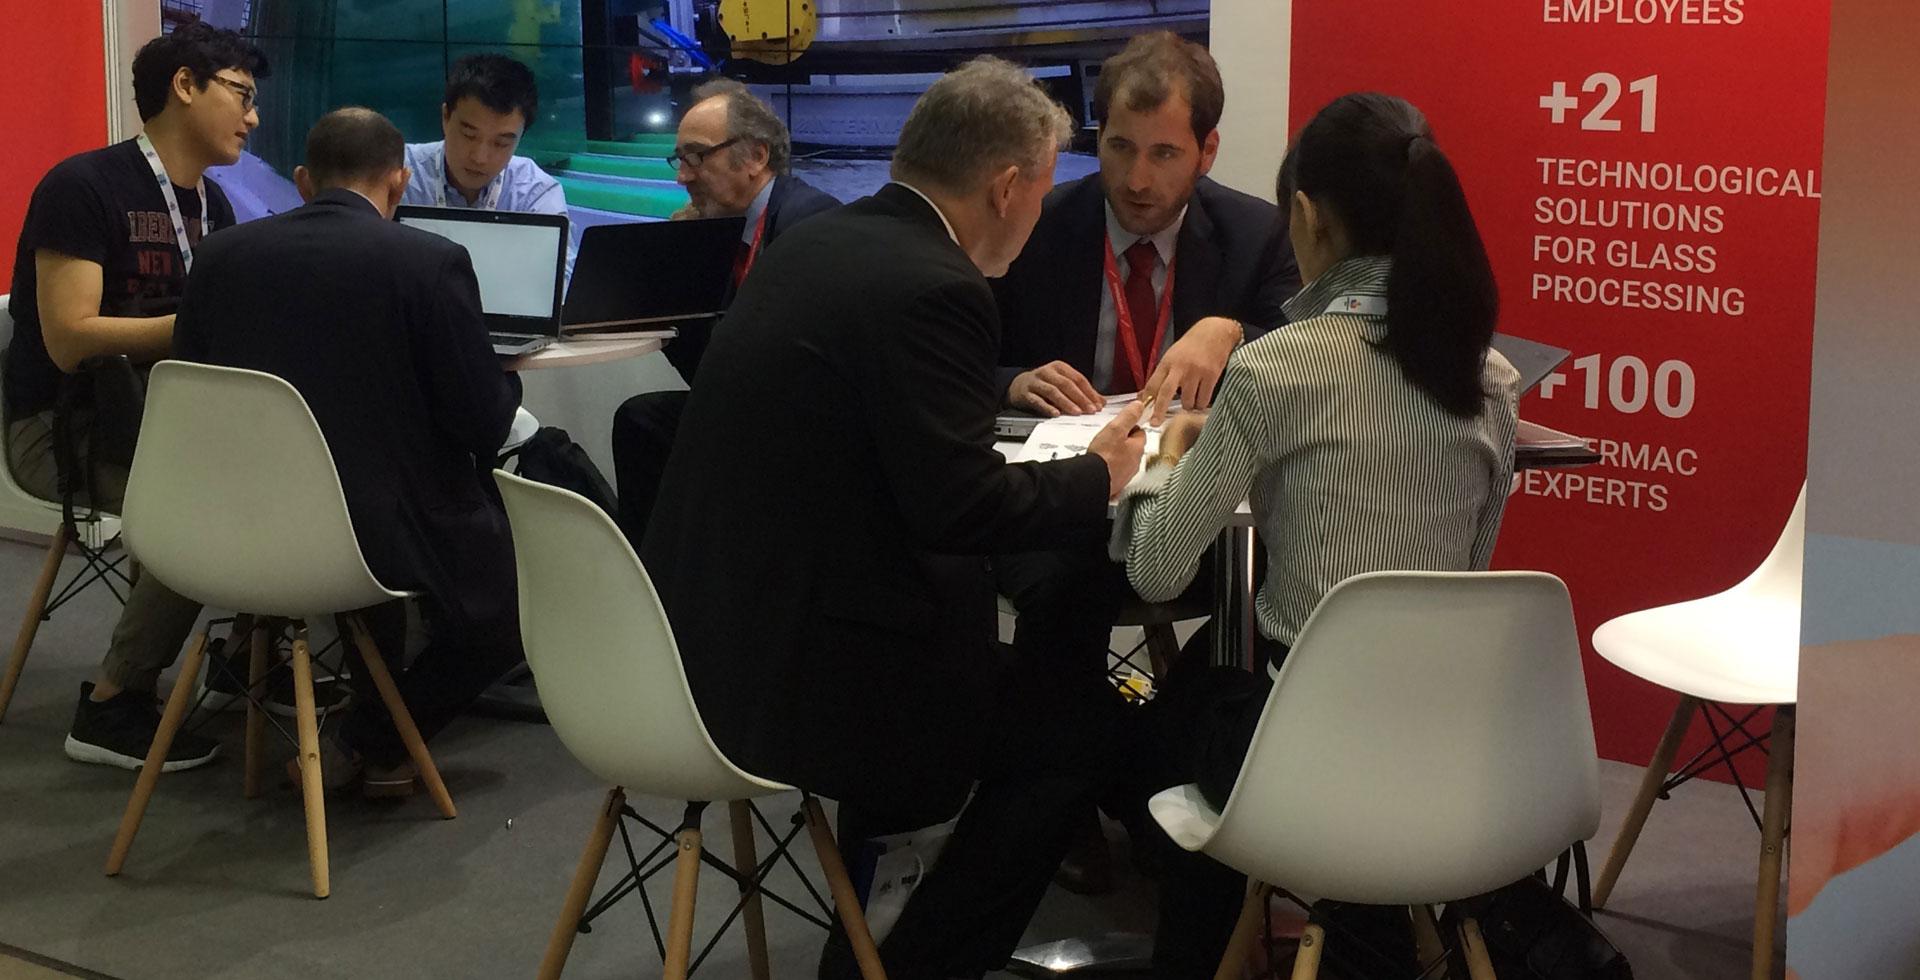 Intermac e Diamut presenti a Glasstech Asia 2017